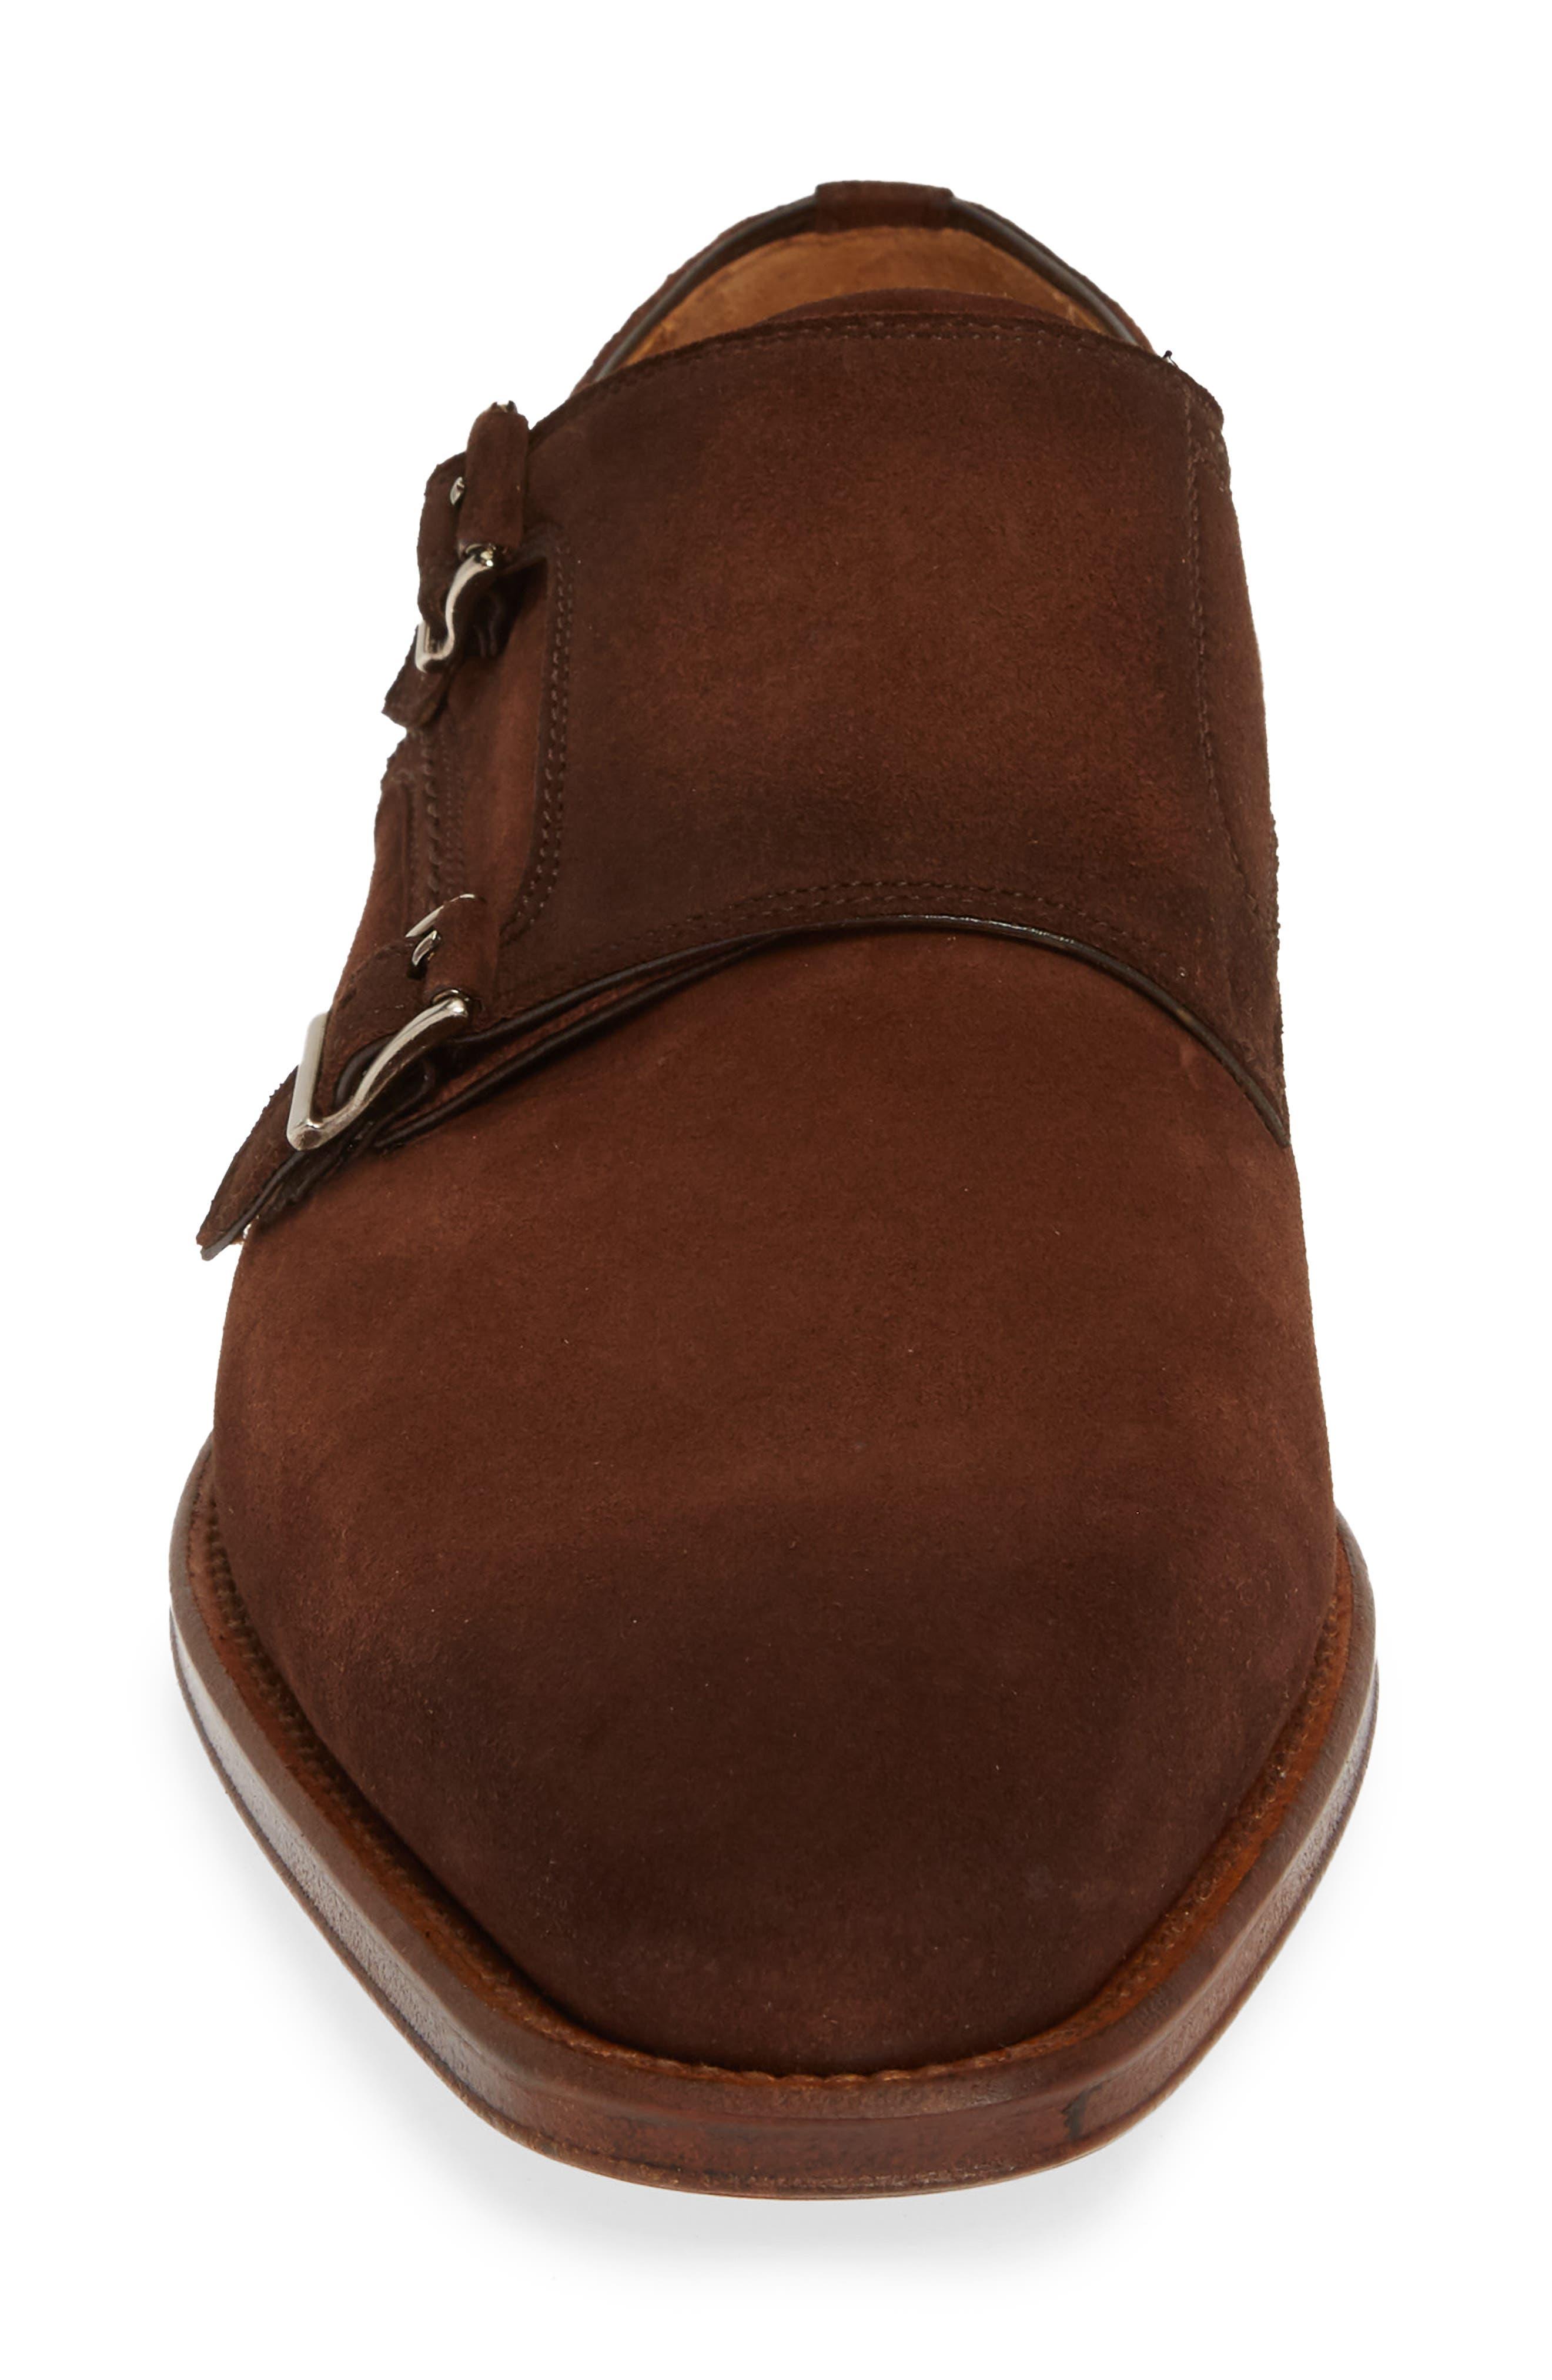 MAGNANNI, Landon Double Strap Monk Shoe, Alternate thumbnail 4, color, MID BROWN